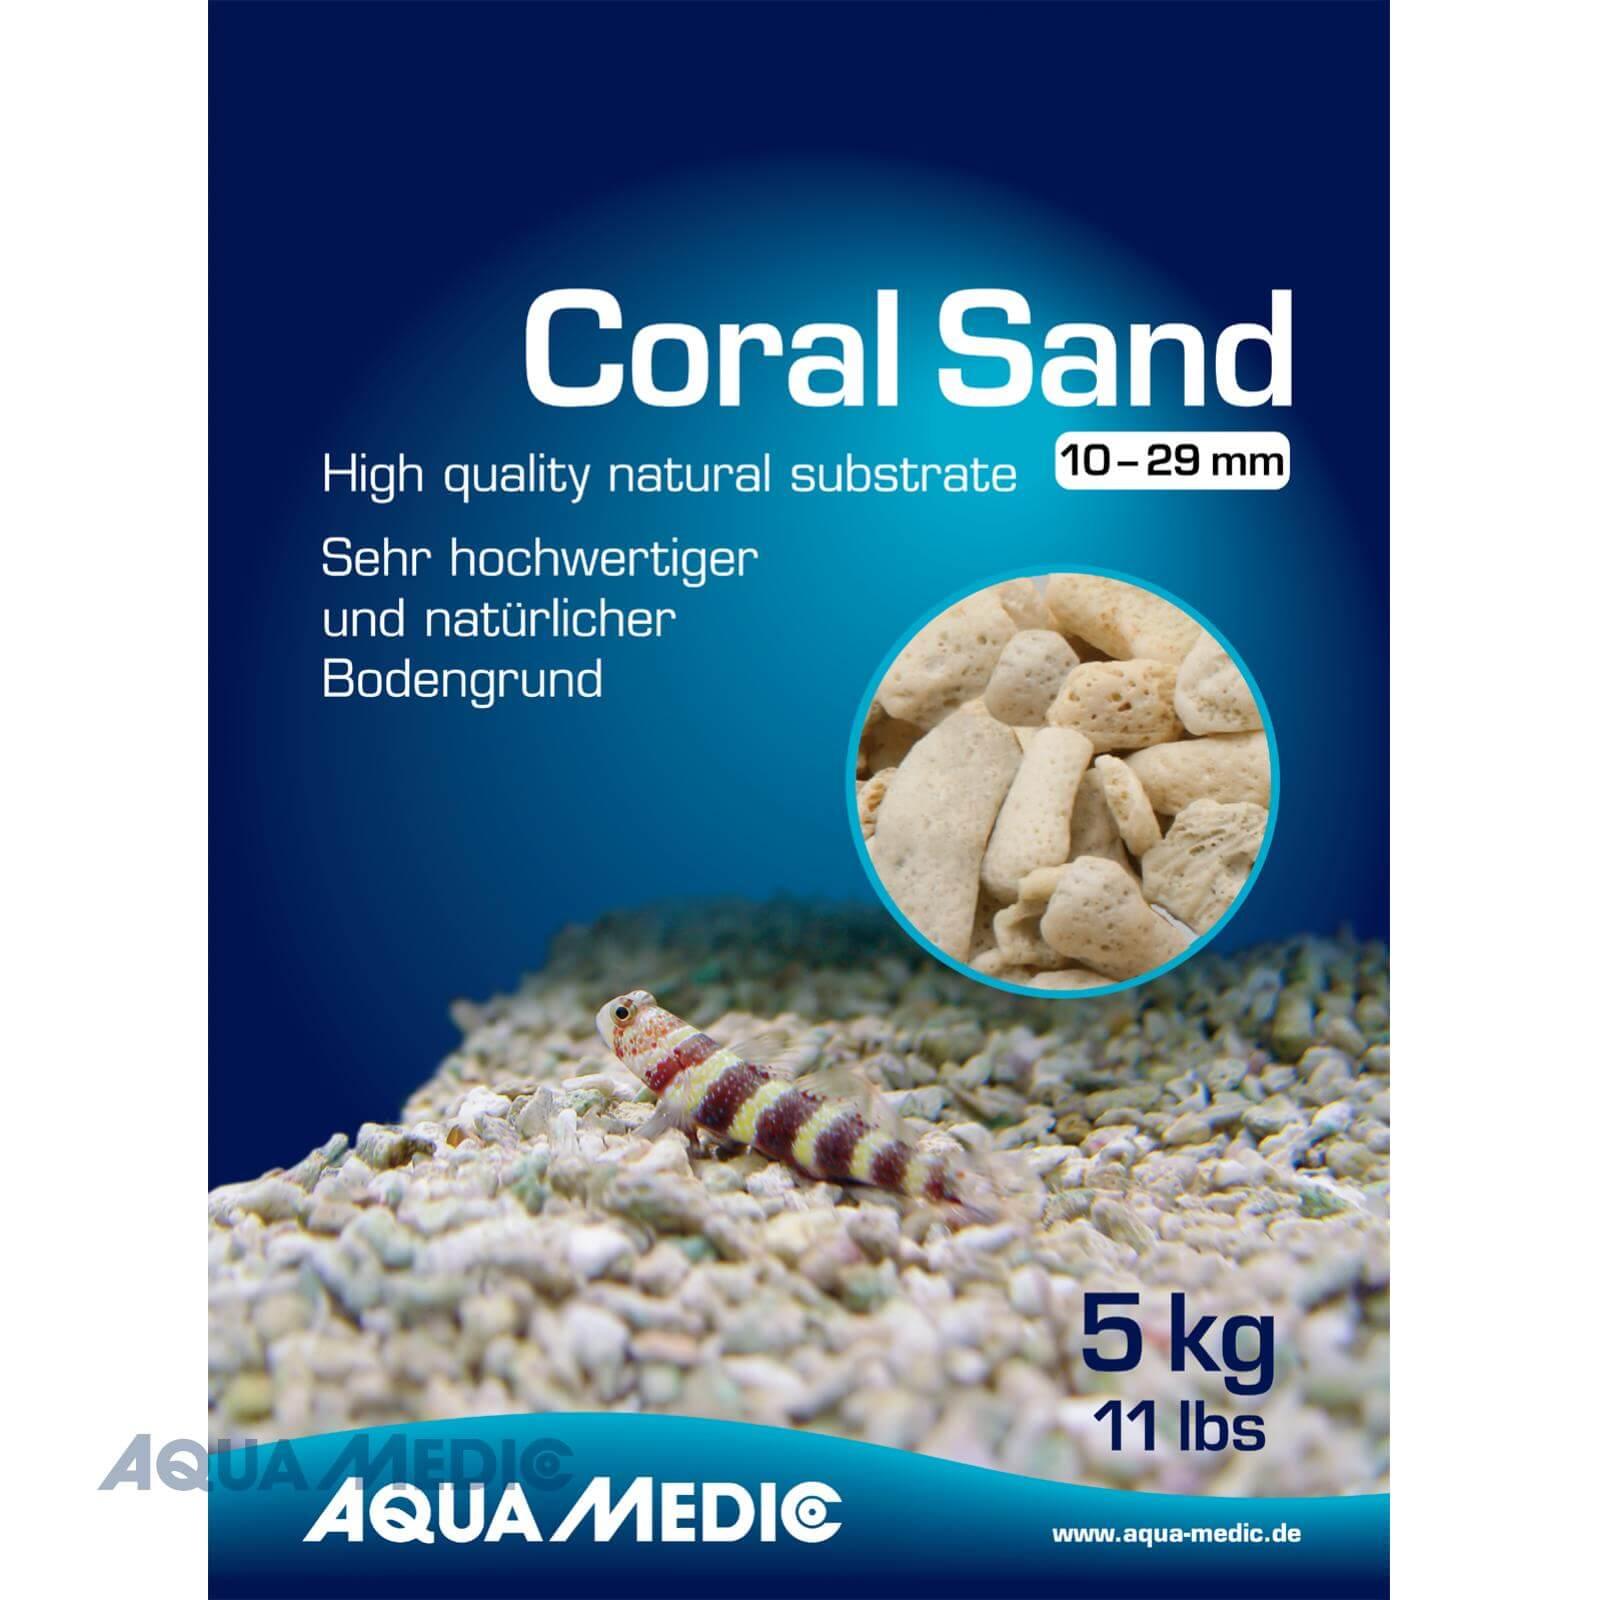 aqua medic coral sand